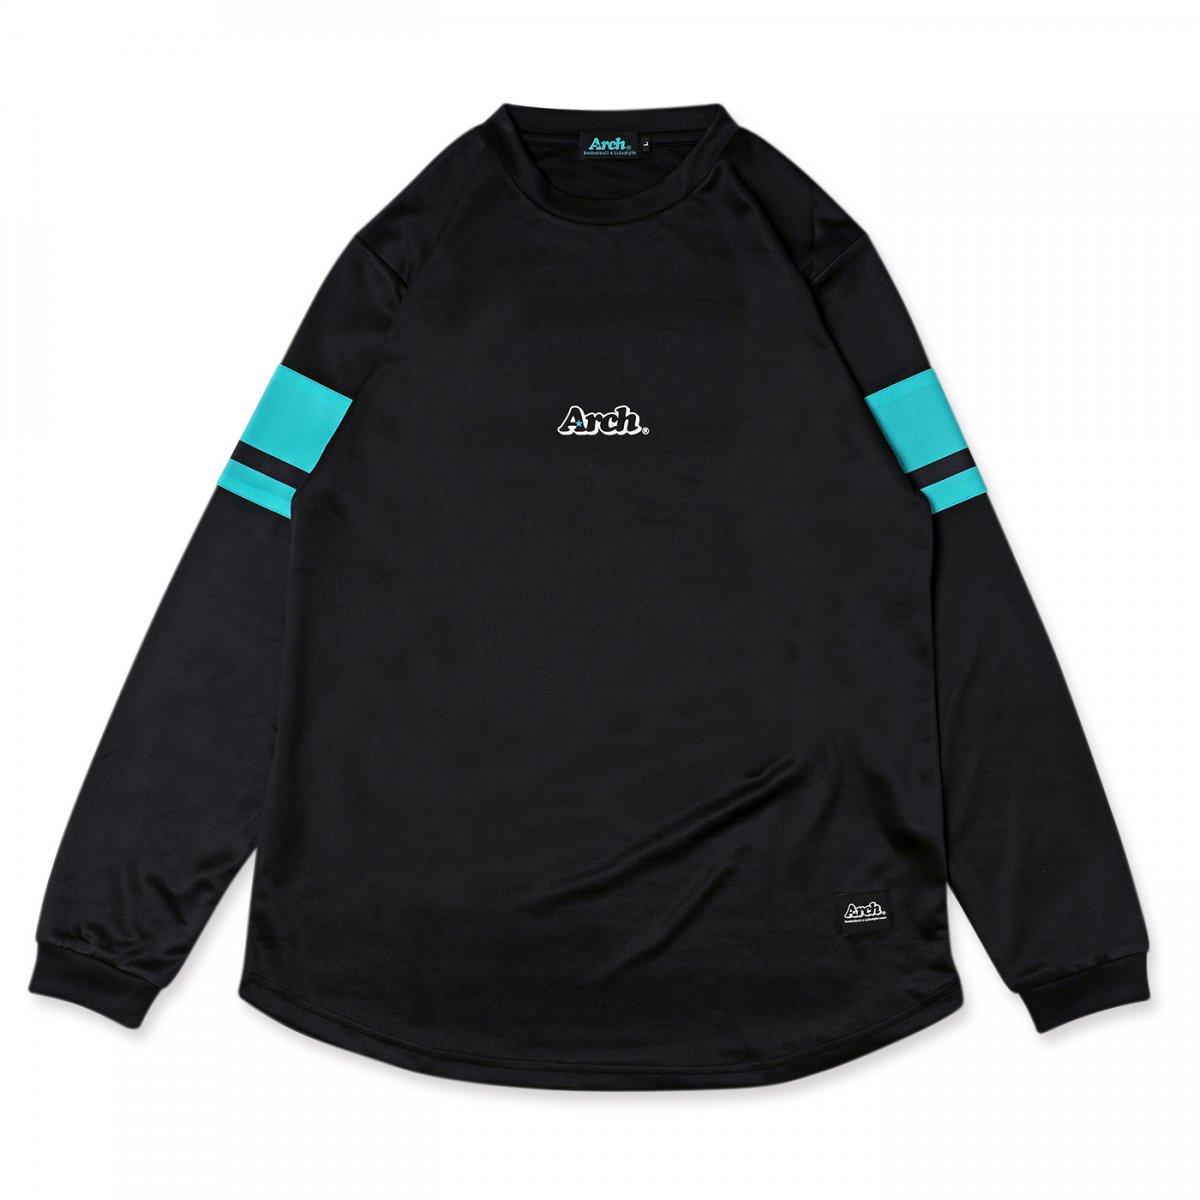 スリーブボーダー L/S Tシャツ  ブラック